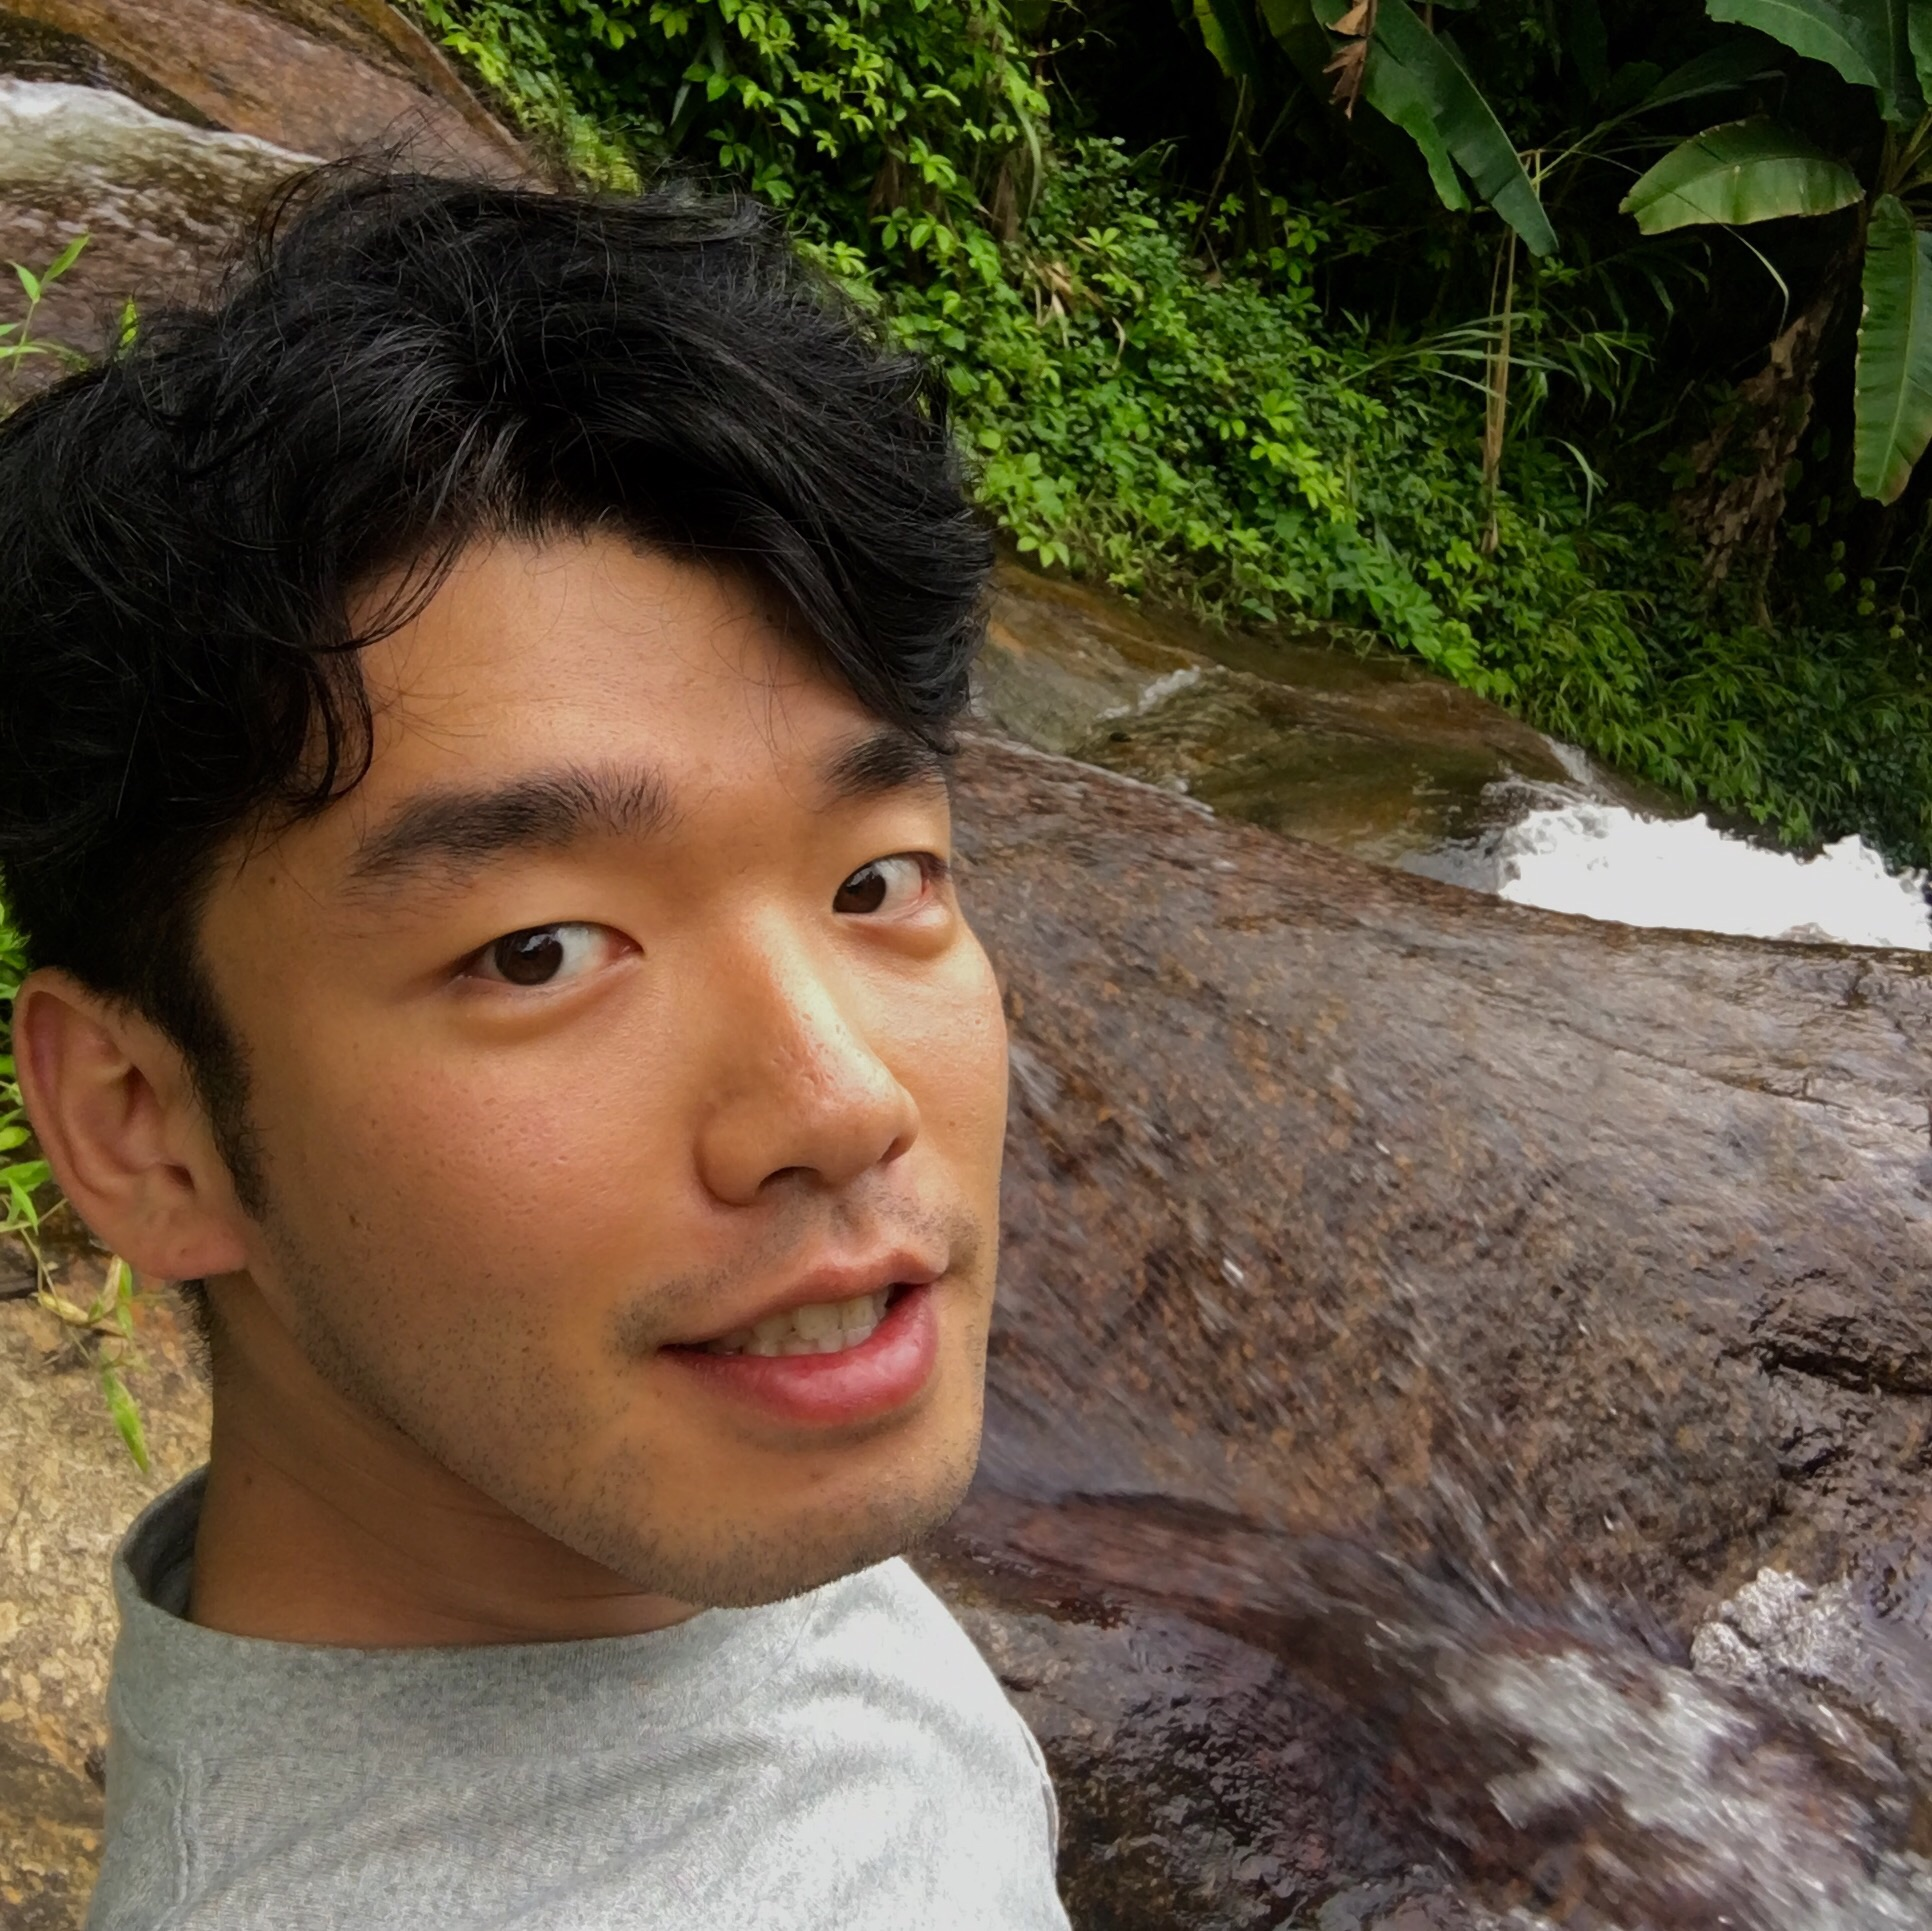 Minsuk Choi